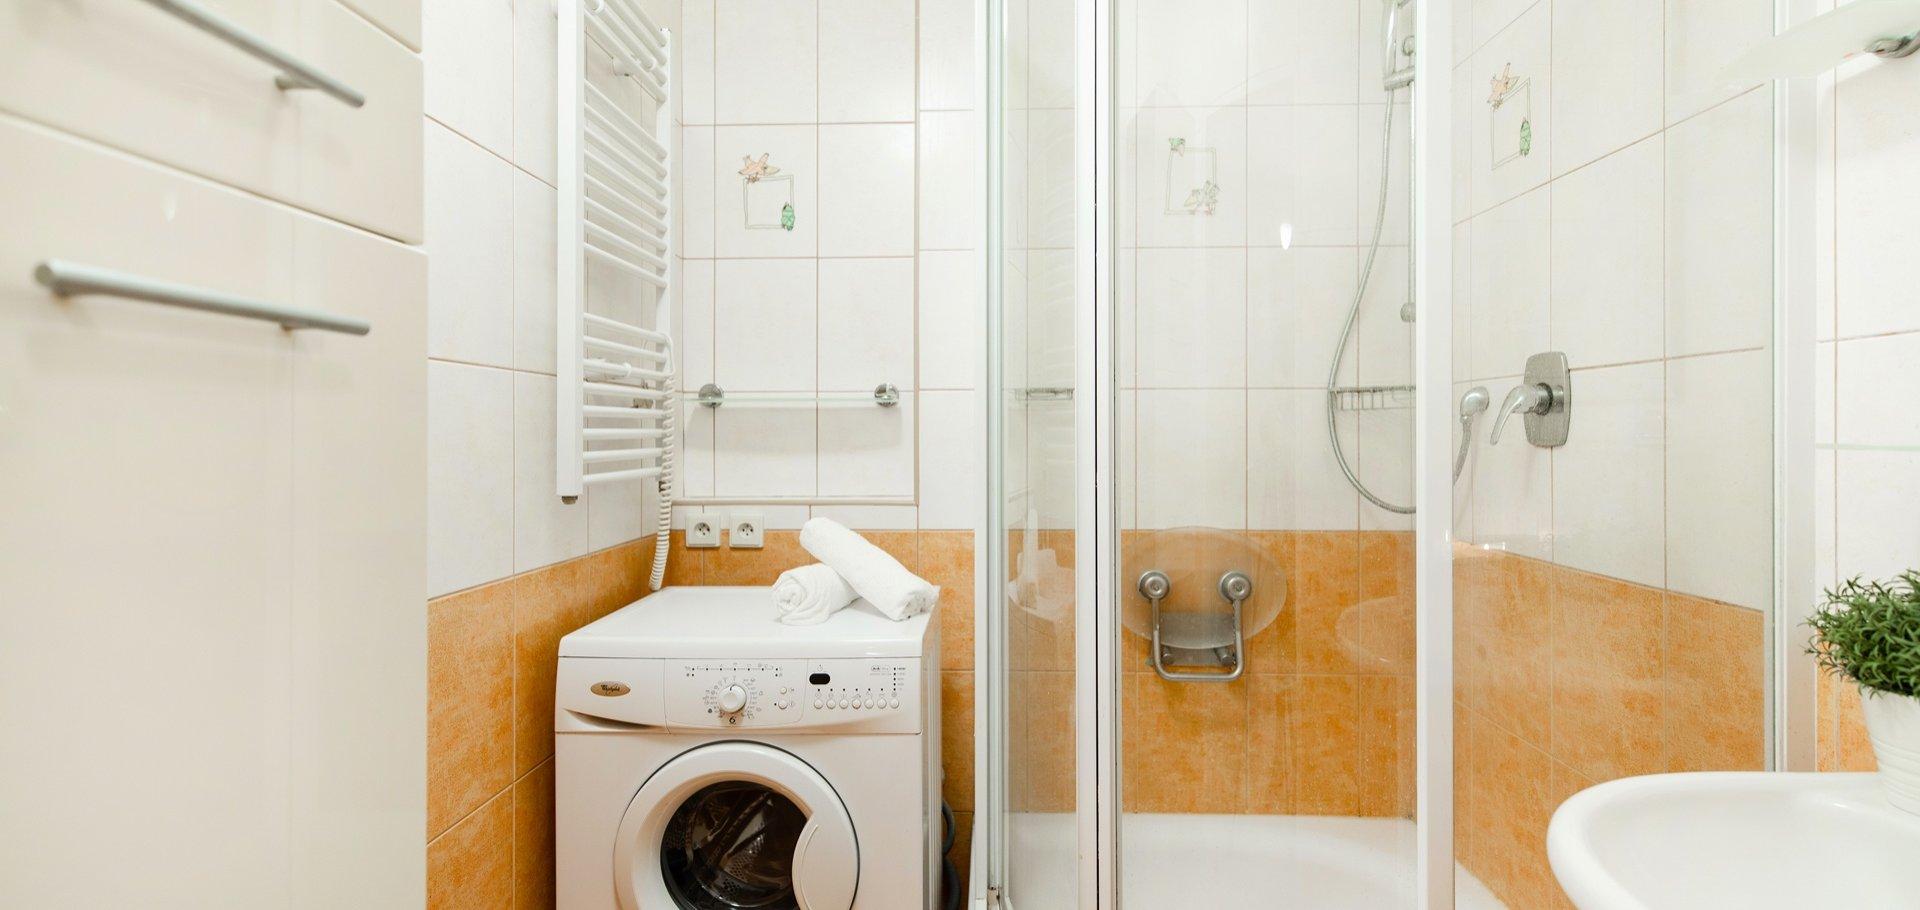 Prodej bytu 3+1 s lodžií a sklepem, 74 m², Praha 4 - Michle